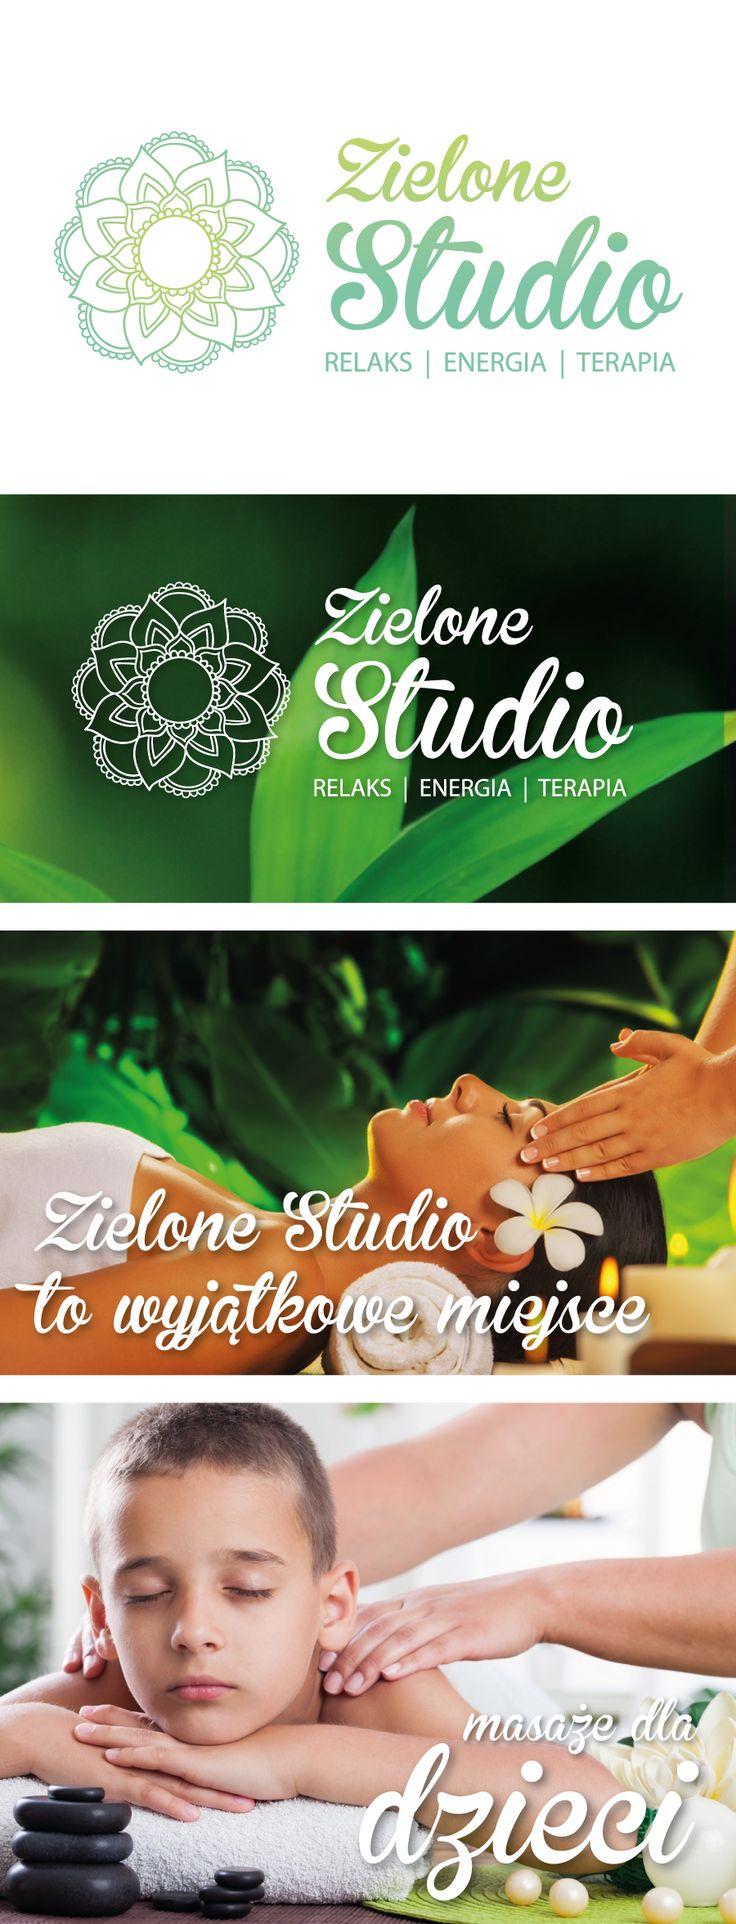 Logo i identyfikacja wizualna dla Zielonego Studia - studio masażu i relaksu